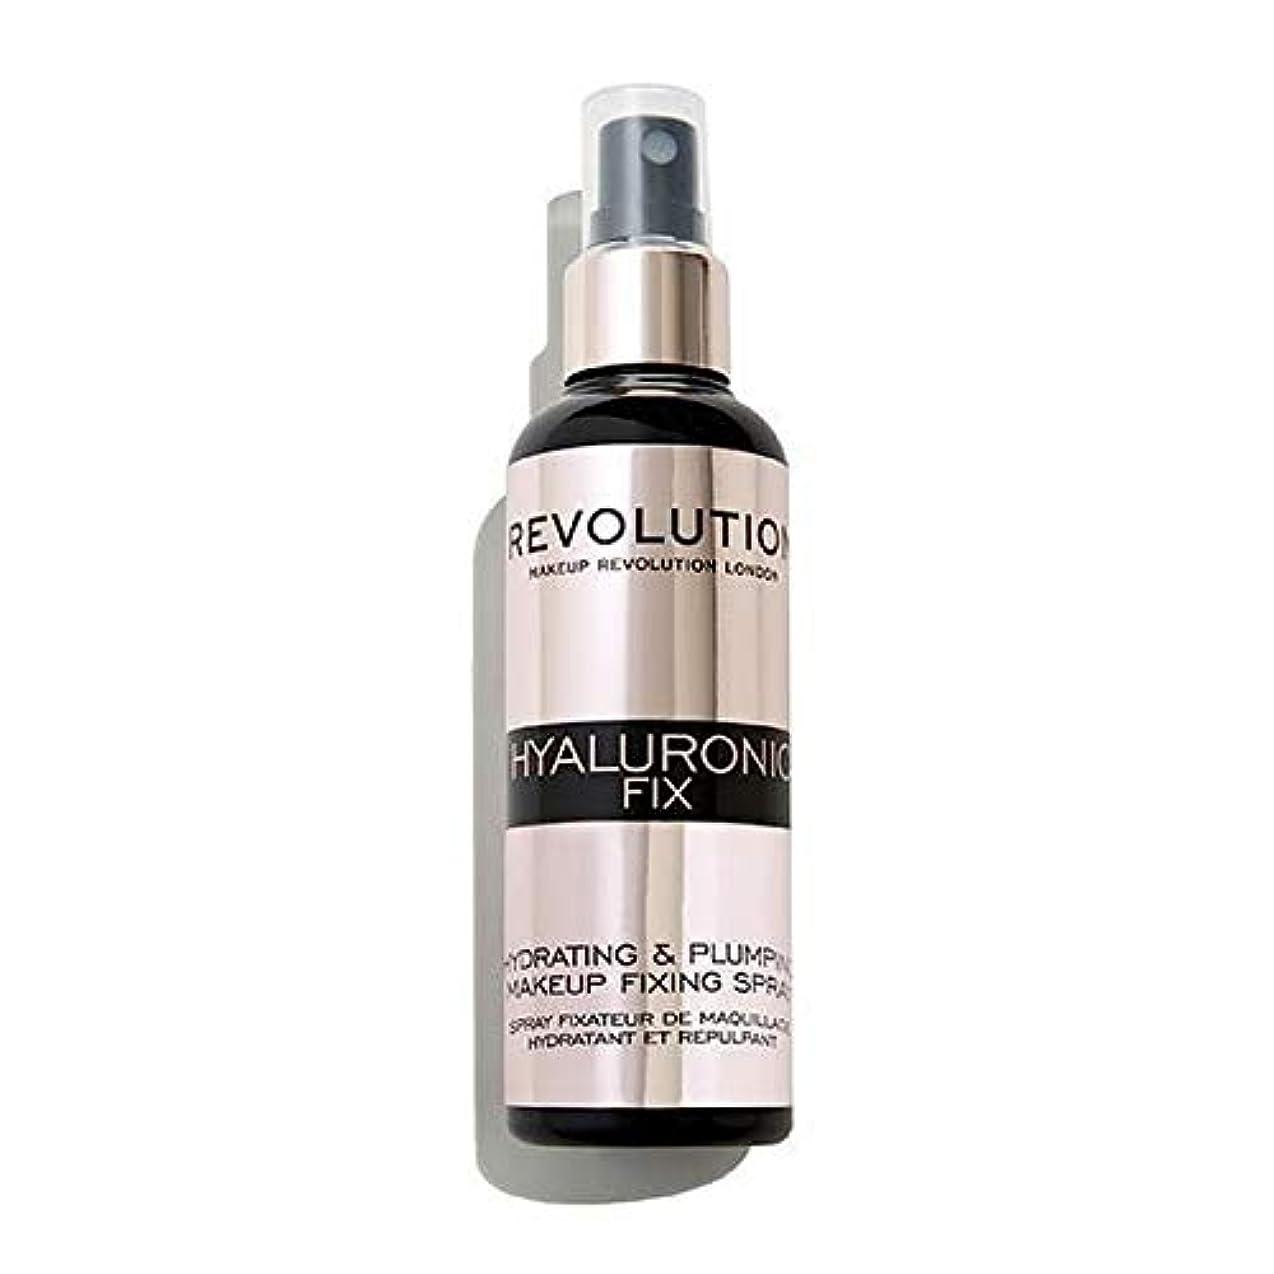 移行等しいみなす[Revolution ] 化粧革命ヒアルロン固定スプレー - Makeup Revolution Hyaluronic Fixing Spray [並行輸入品]